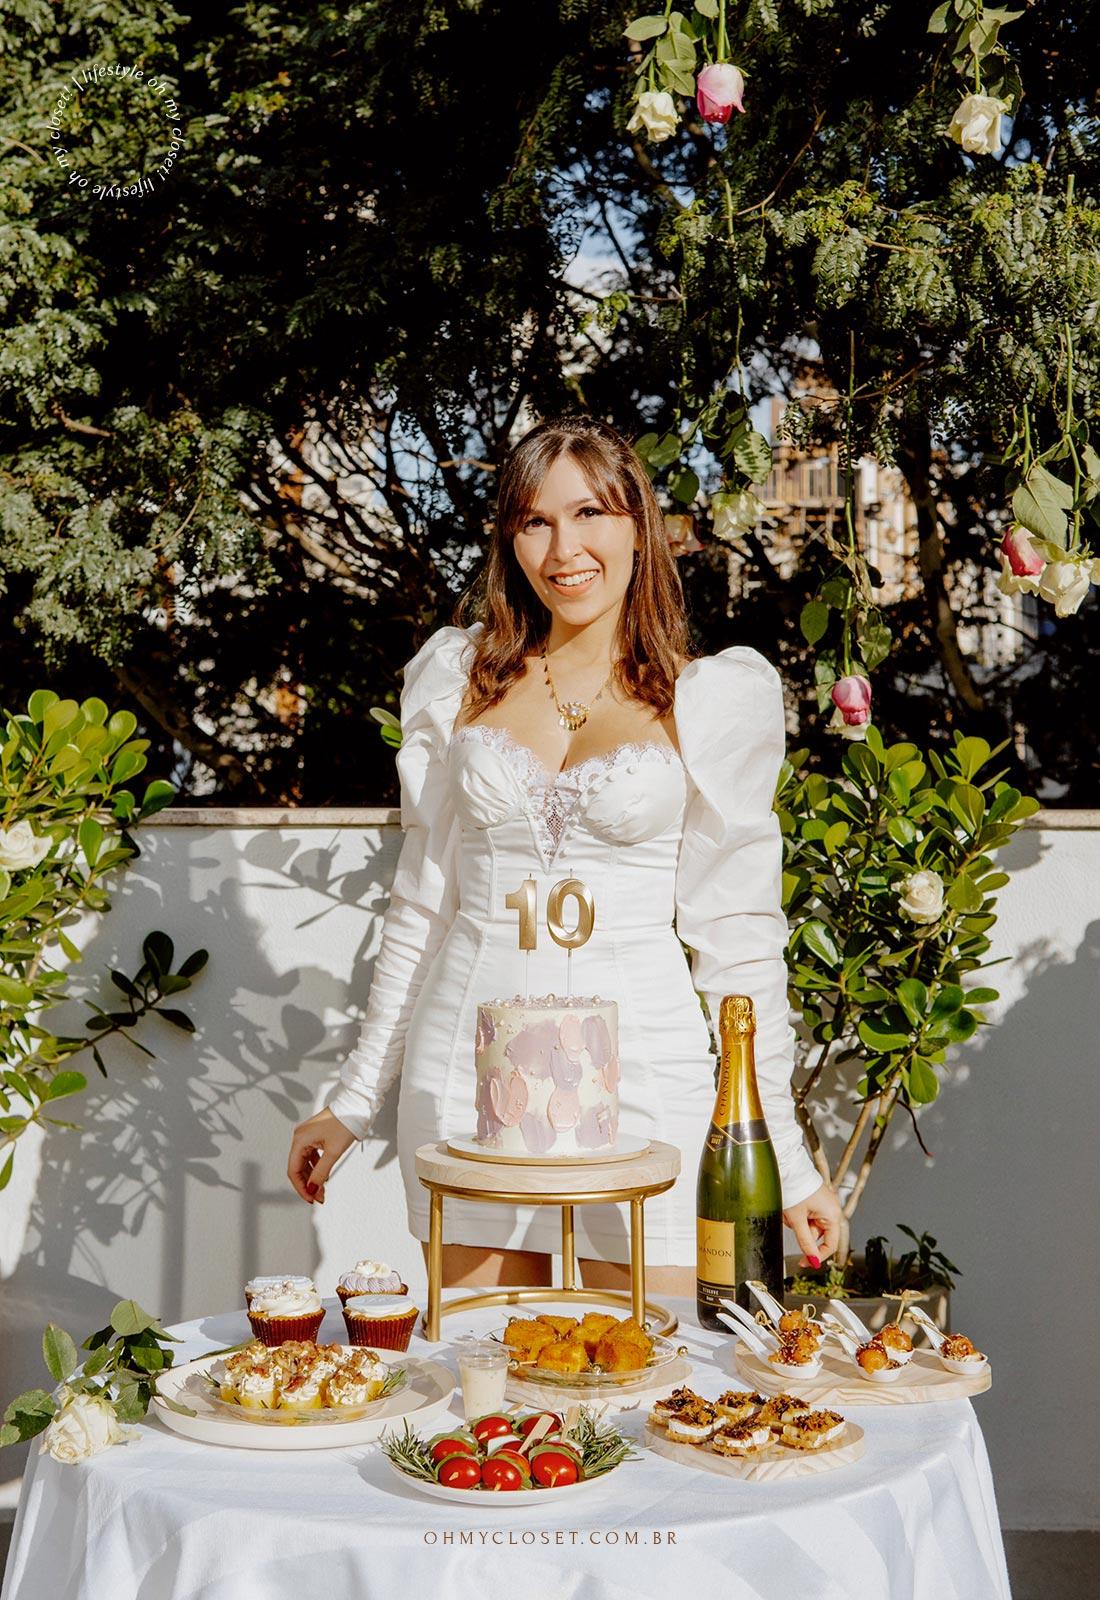 Monica Almeida, responsável pelo Blog Oh My Closet! um dos blogs de moda mais longevos do país.